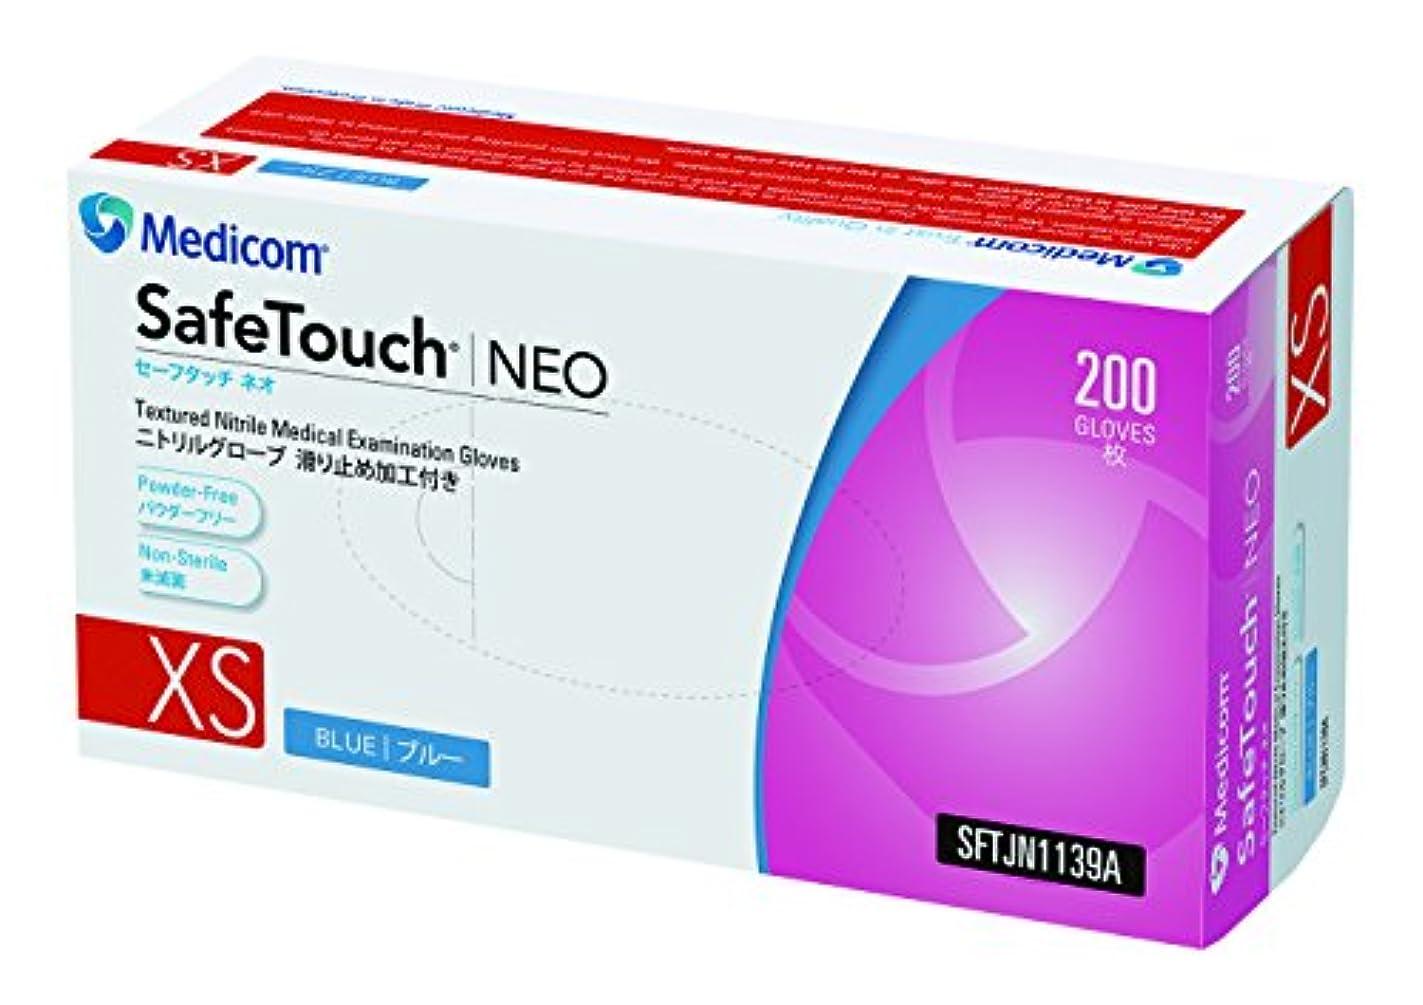 小数キャンドル義務づけるSFTJN1139Aセーフタッチ ネオ ニトリルグローブ ブルー XS 200枚/箱